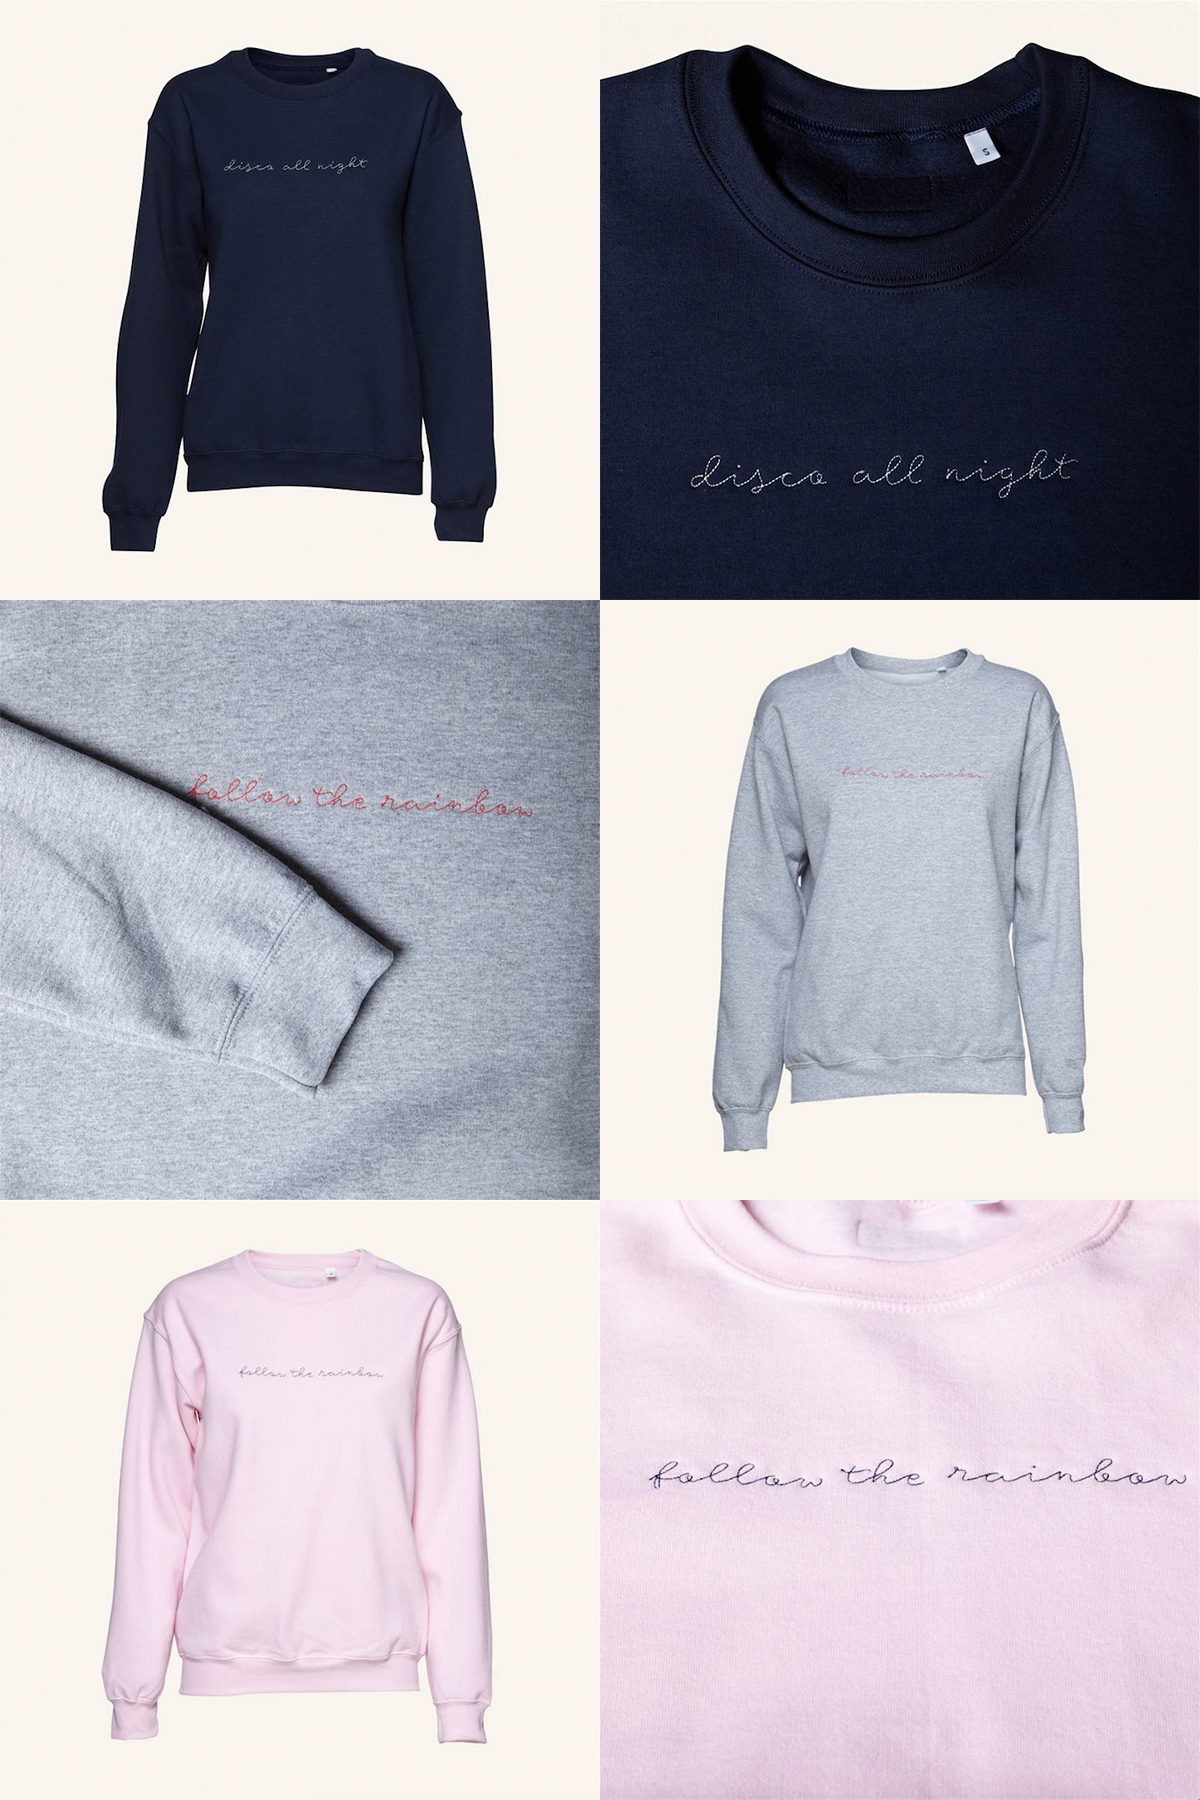 anni-lu-sweatshirt